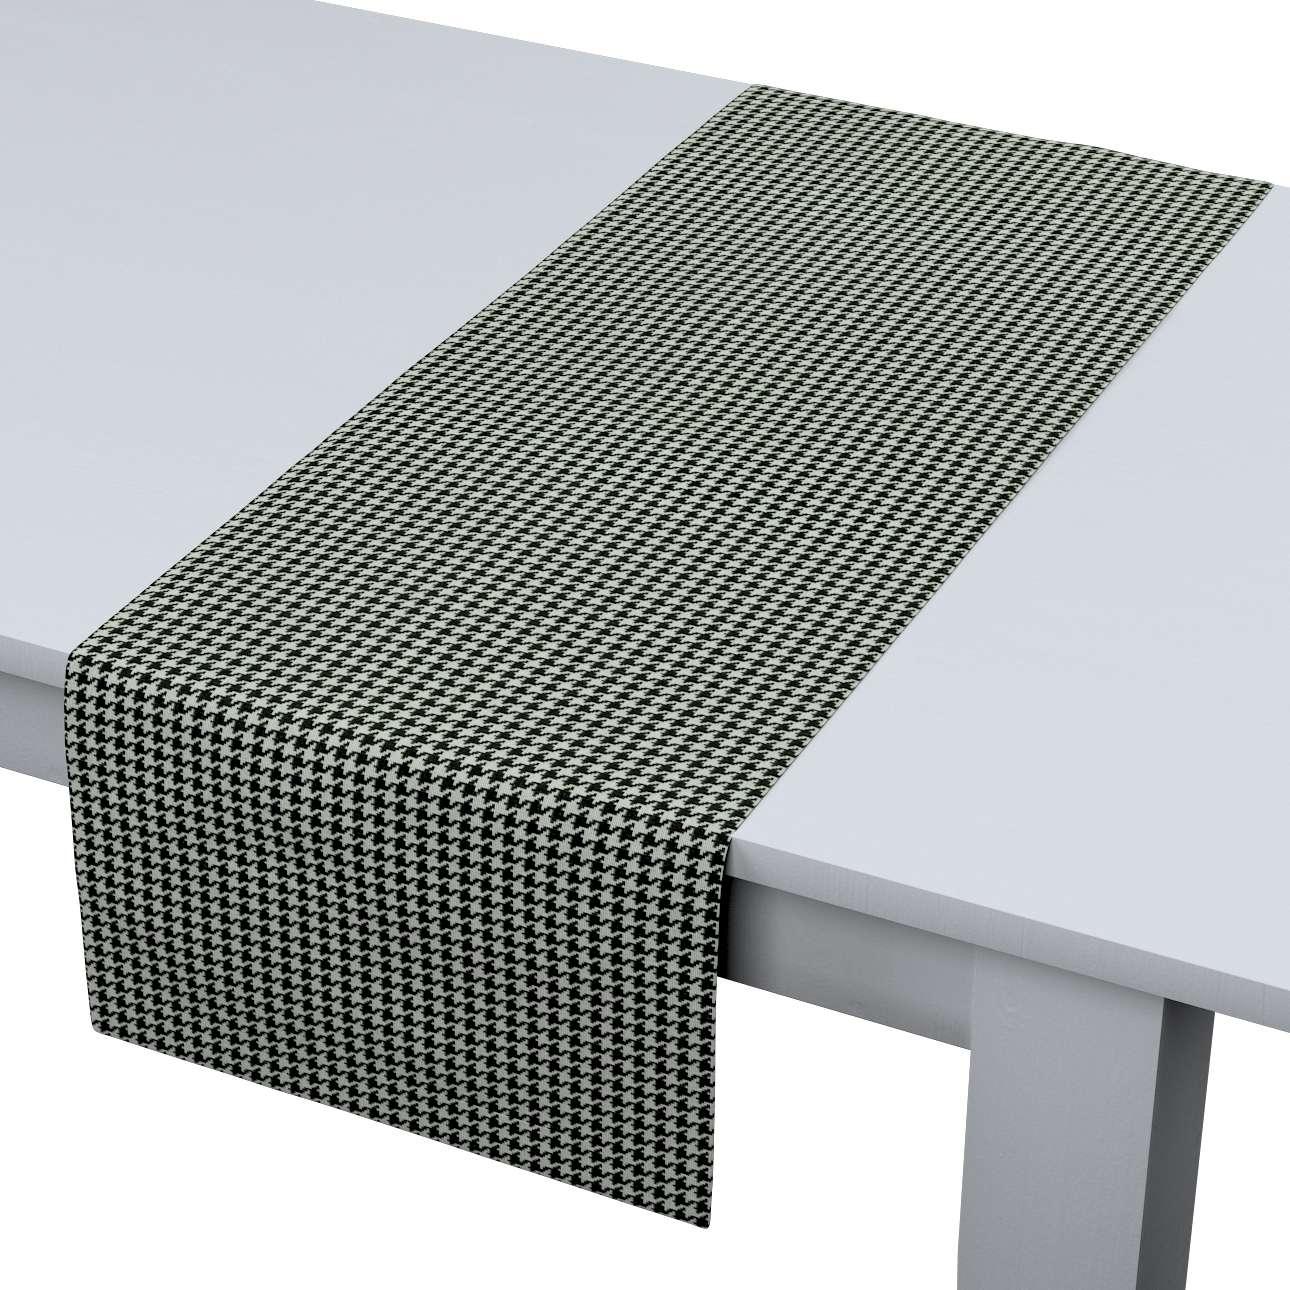 Štóla na stôl V kolekcii Black & White, tkanina: 142-77